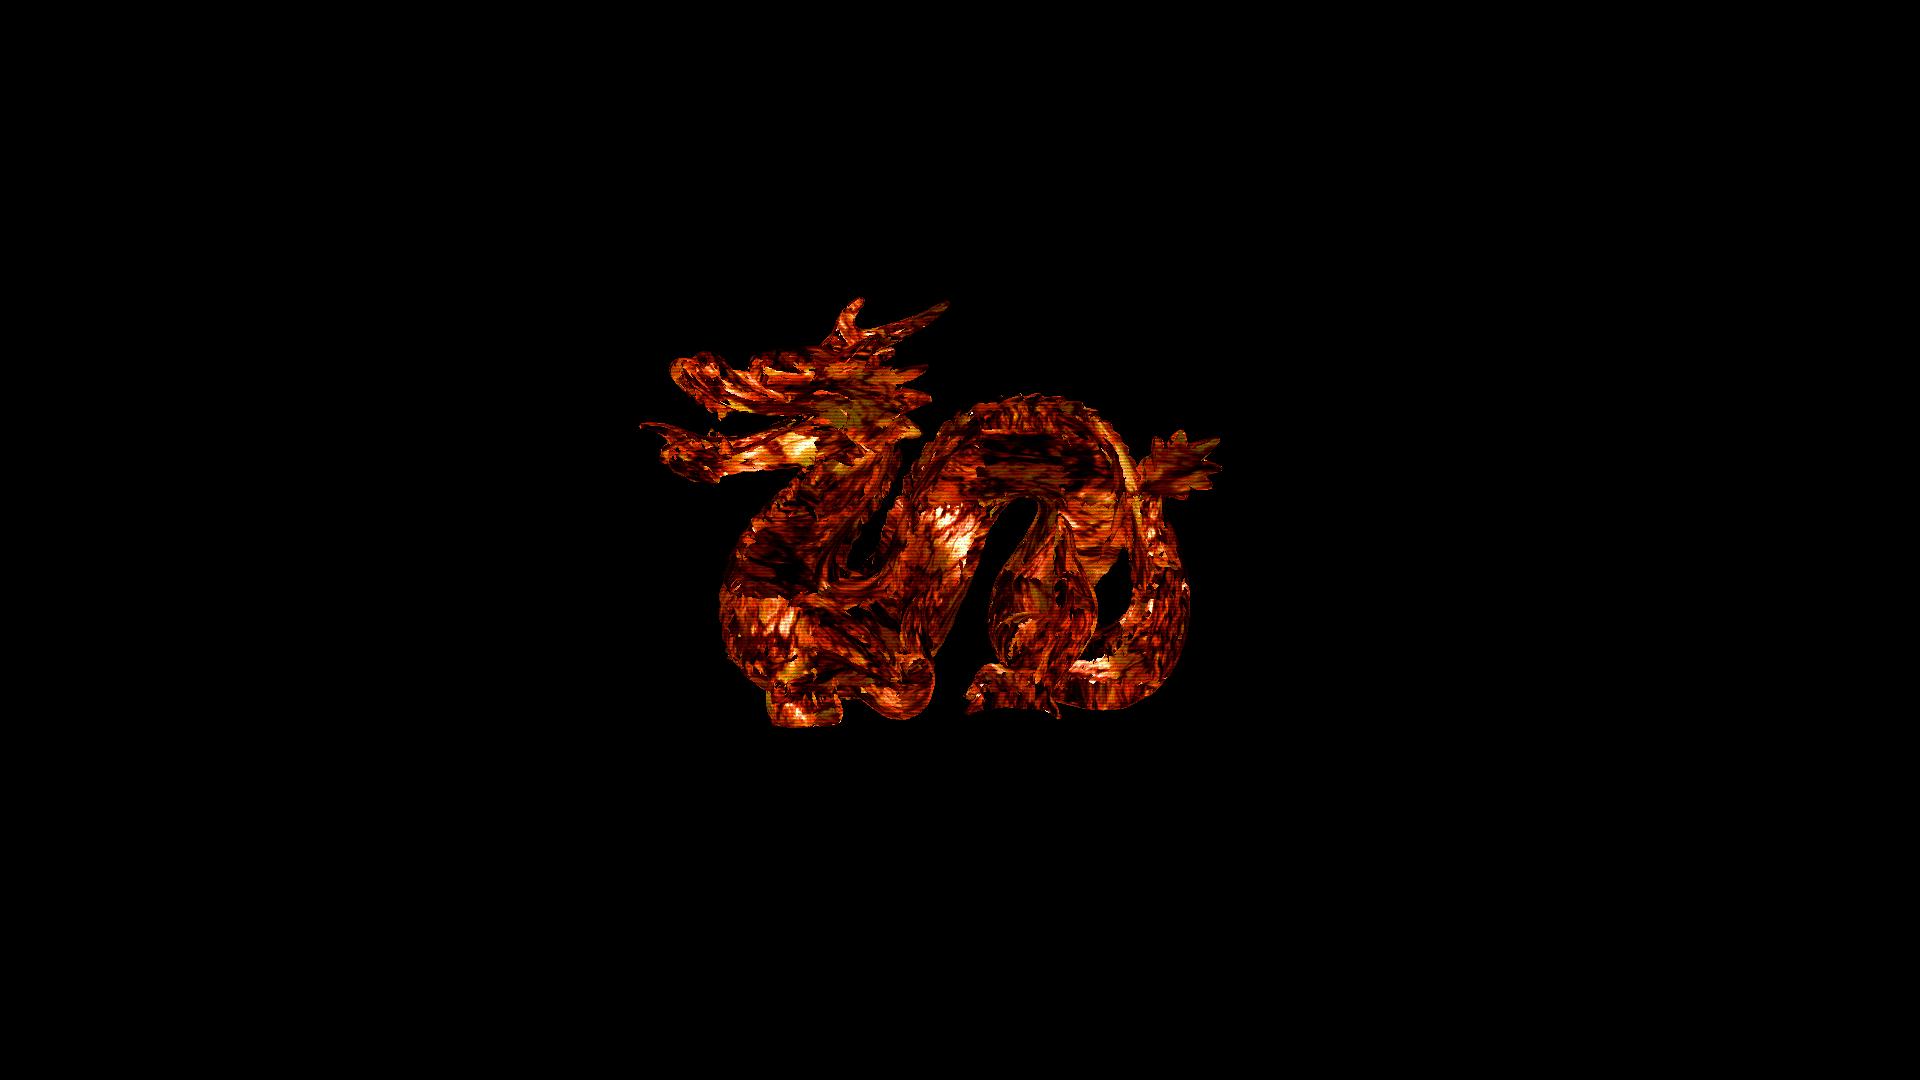 Fond Décran 3d Feu Dragon Lave Flamme Obscurité